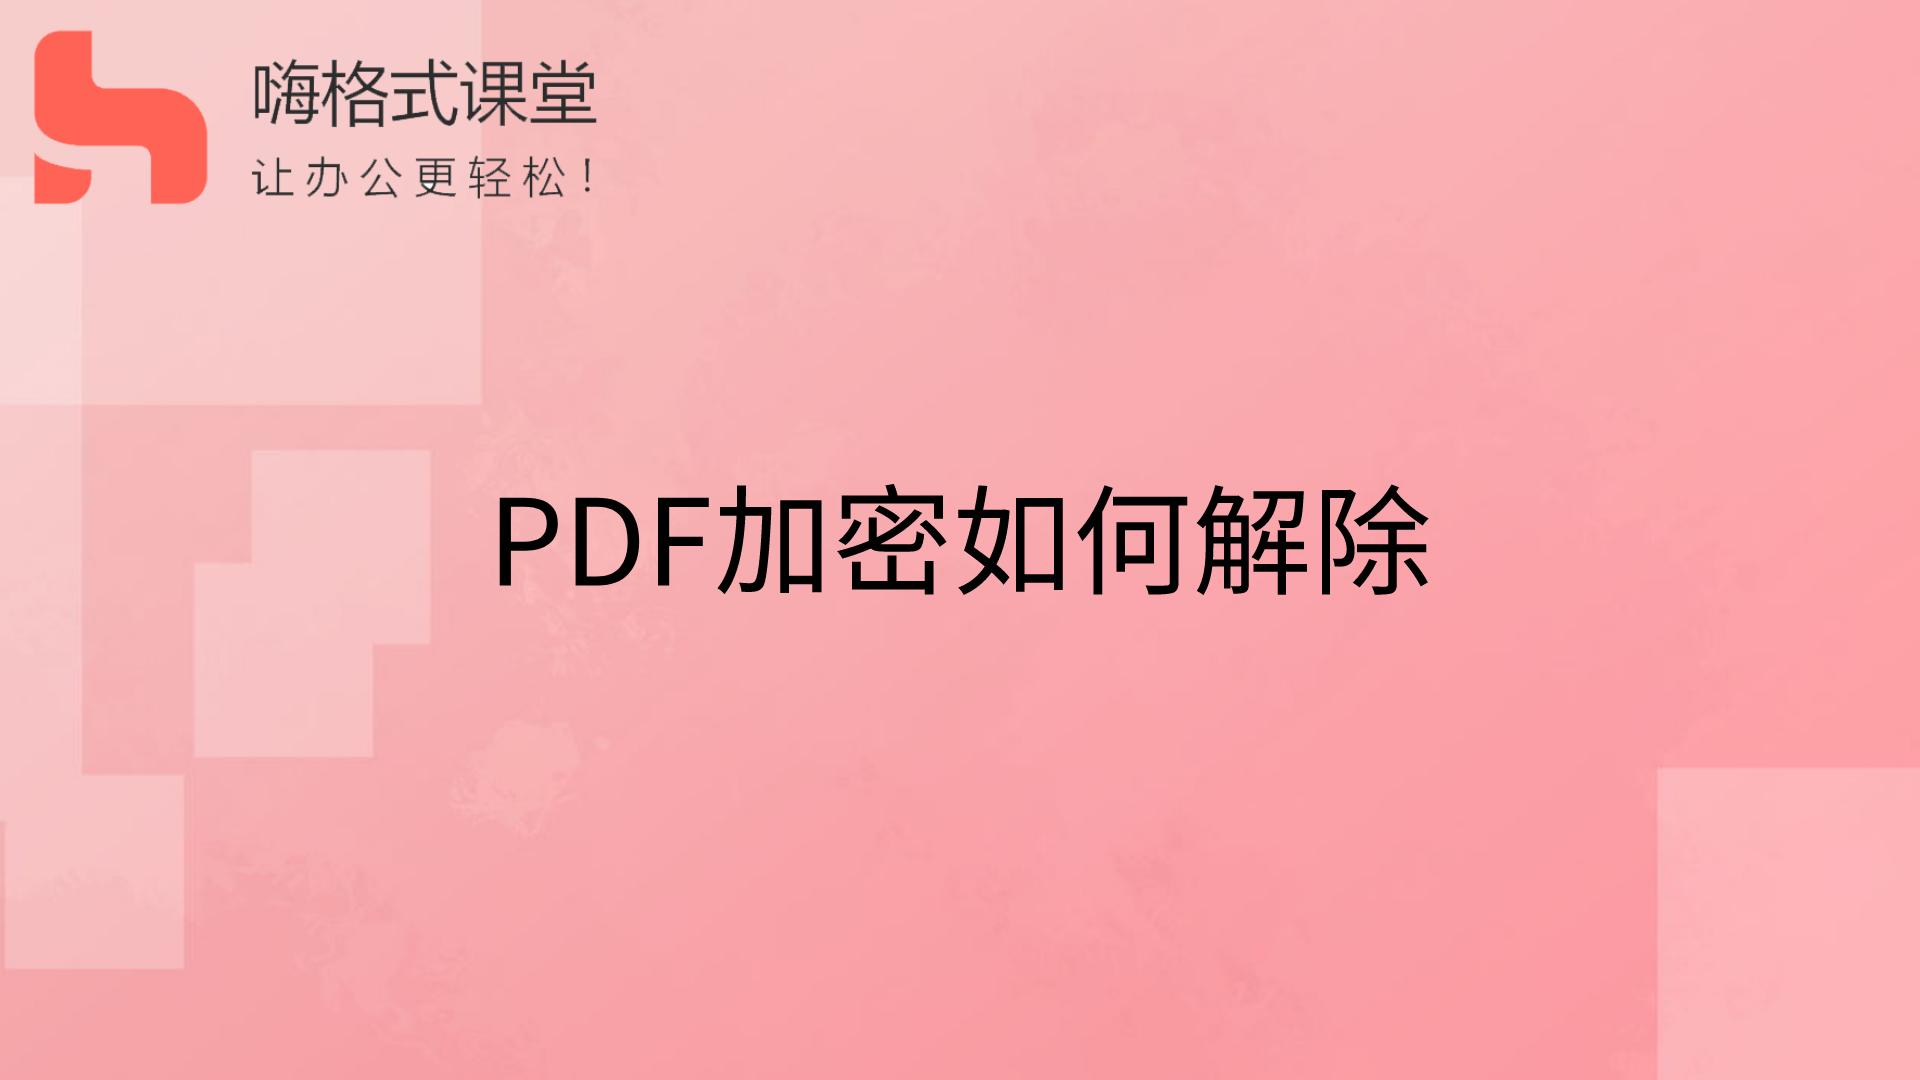 PDF加密如何解除